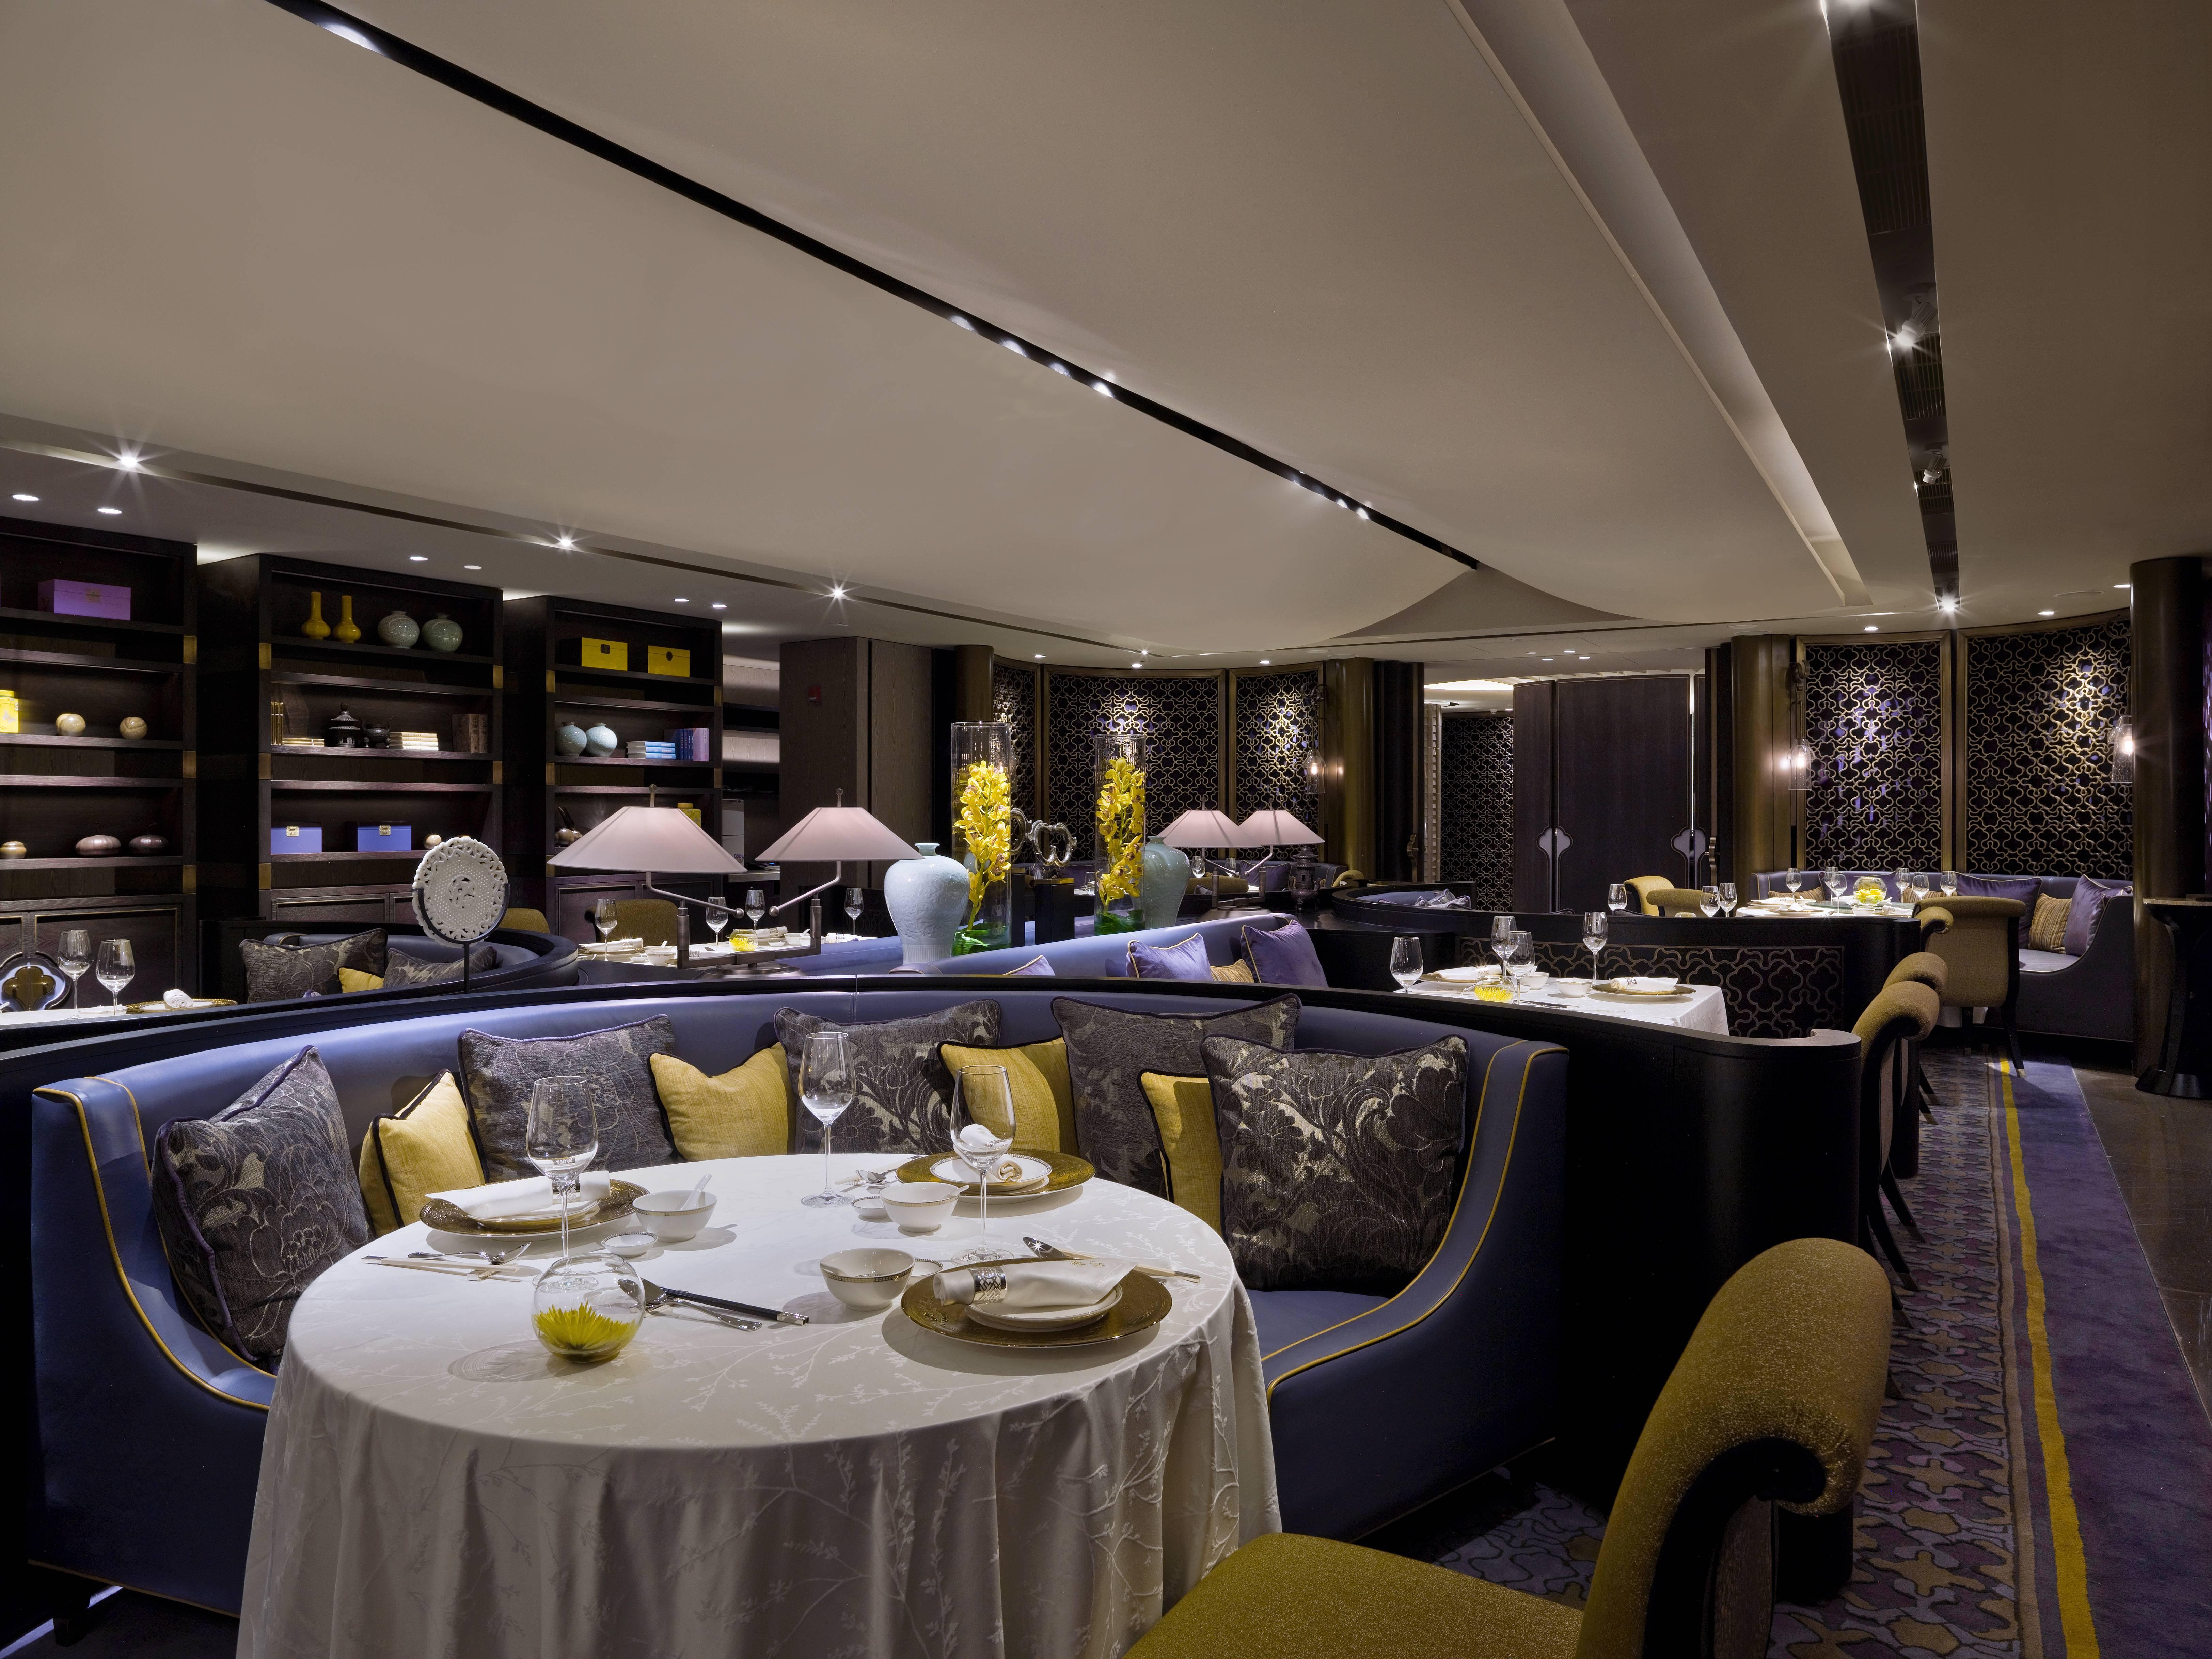 11-Shang Palace Restaurant